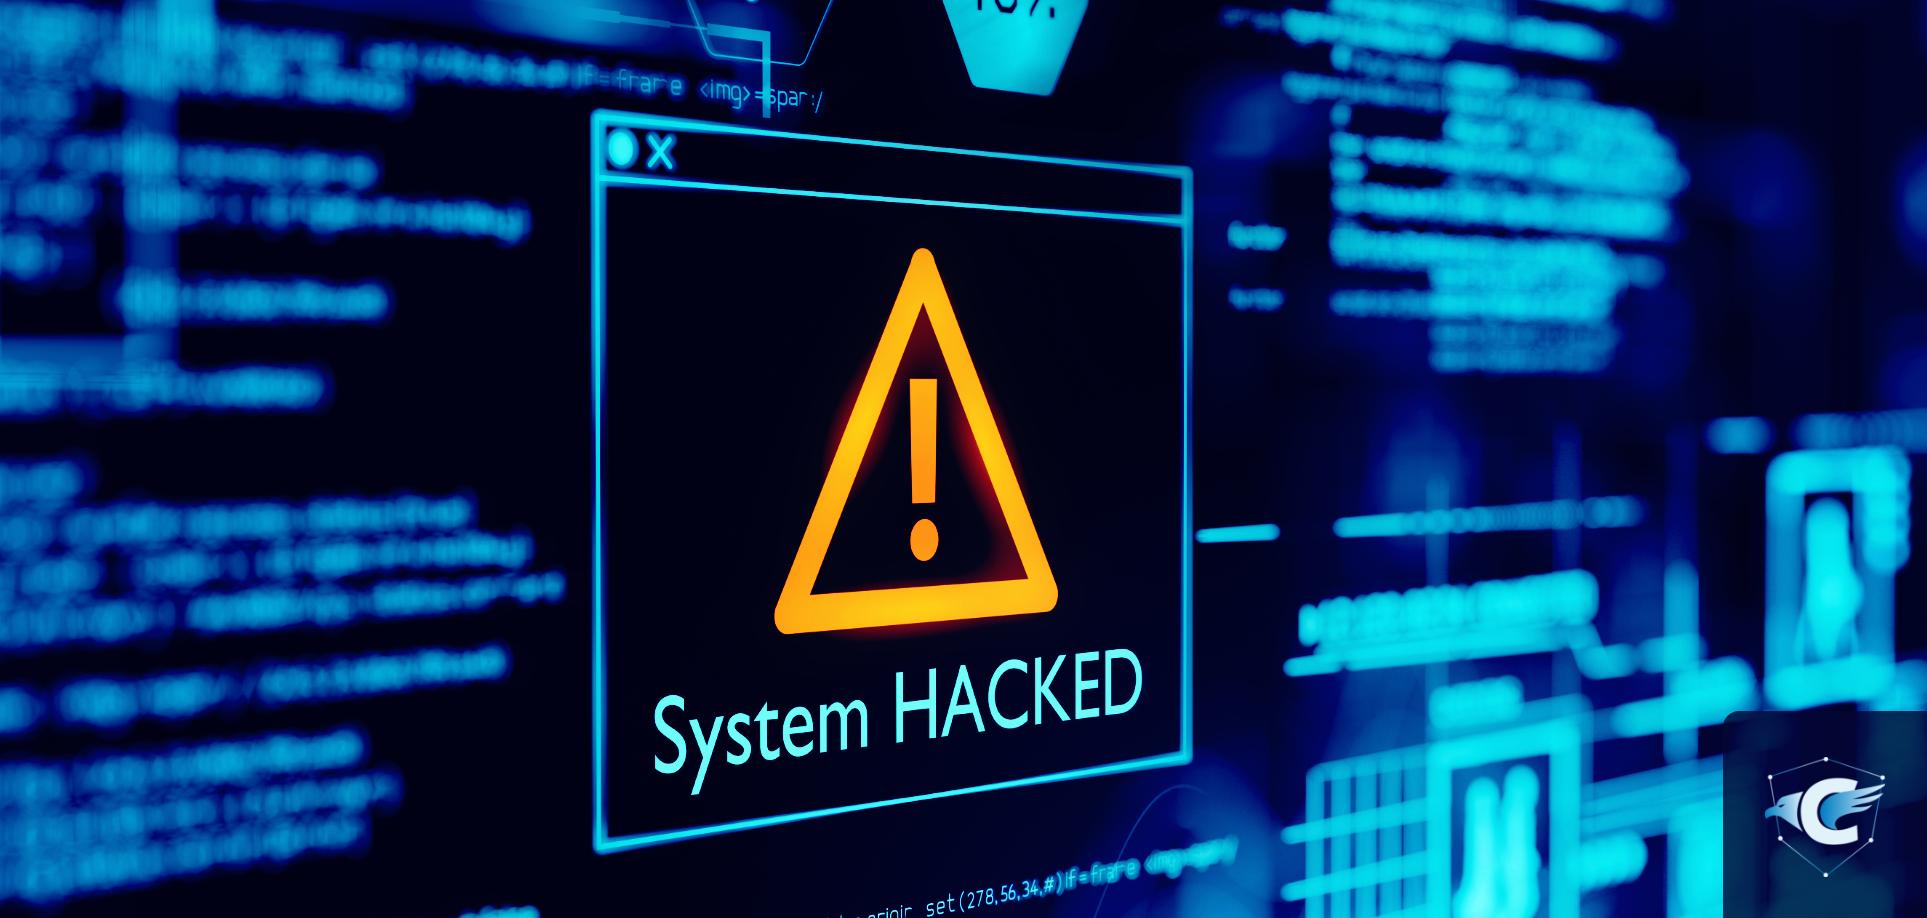 Le ransomware, le logiciel qui prend en otage des données personnelles